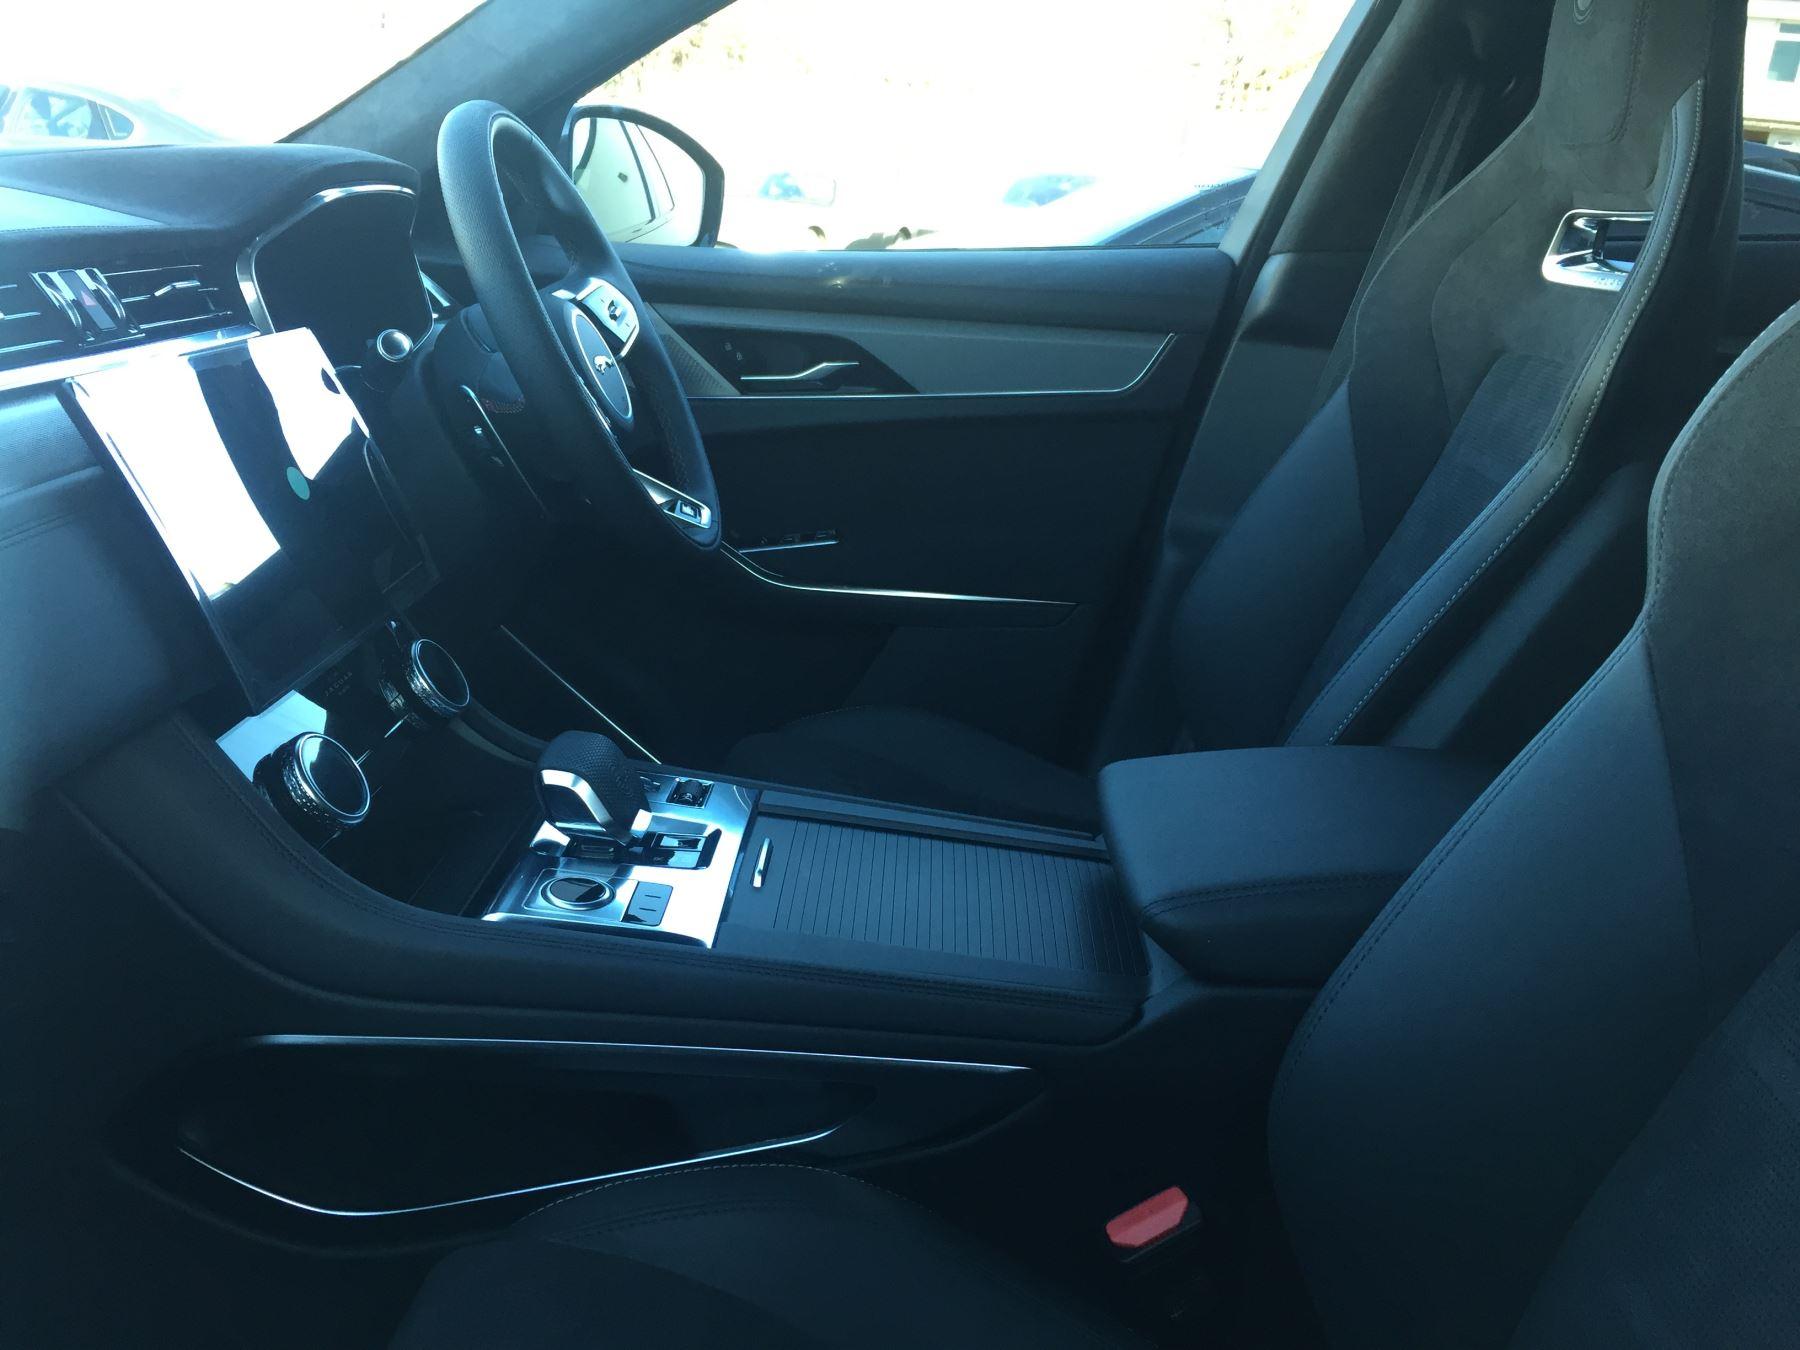 Jaguar F-PACE 5.0 Supercharged V8 SVR AWD image 11